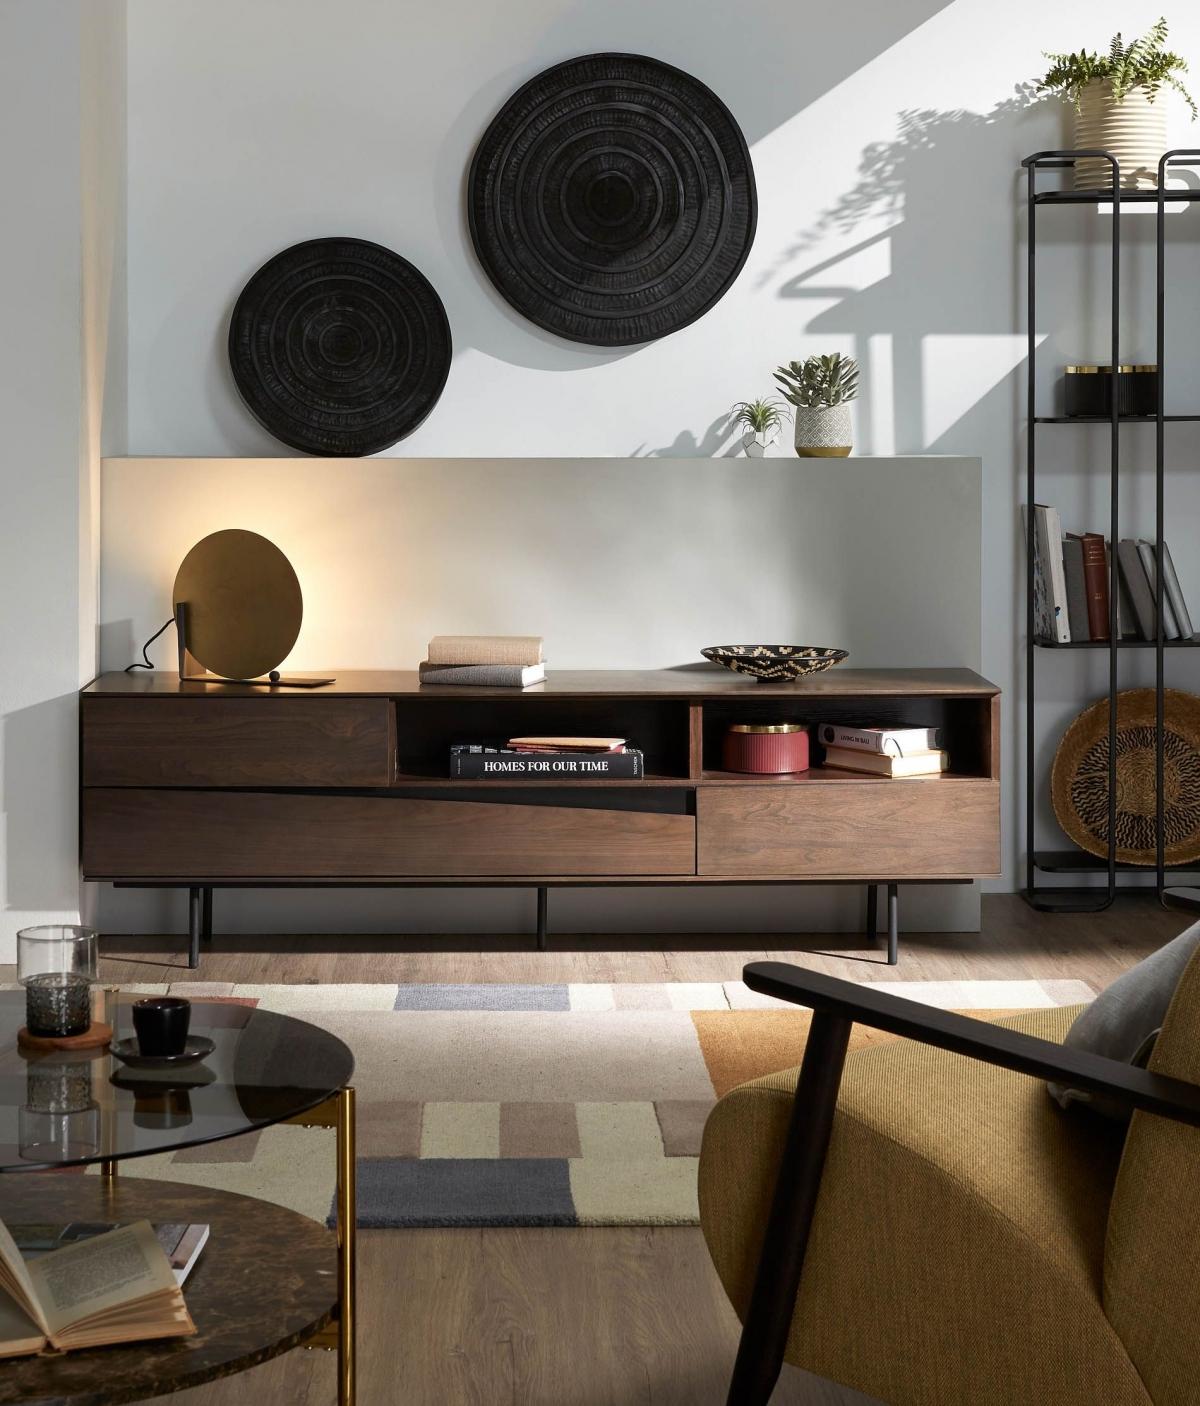 Стильная гостиная комната с интересным дизайнерским сочетанием